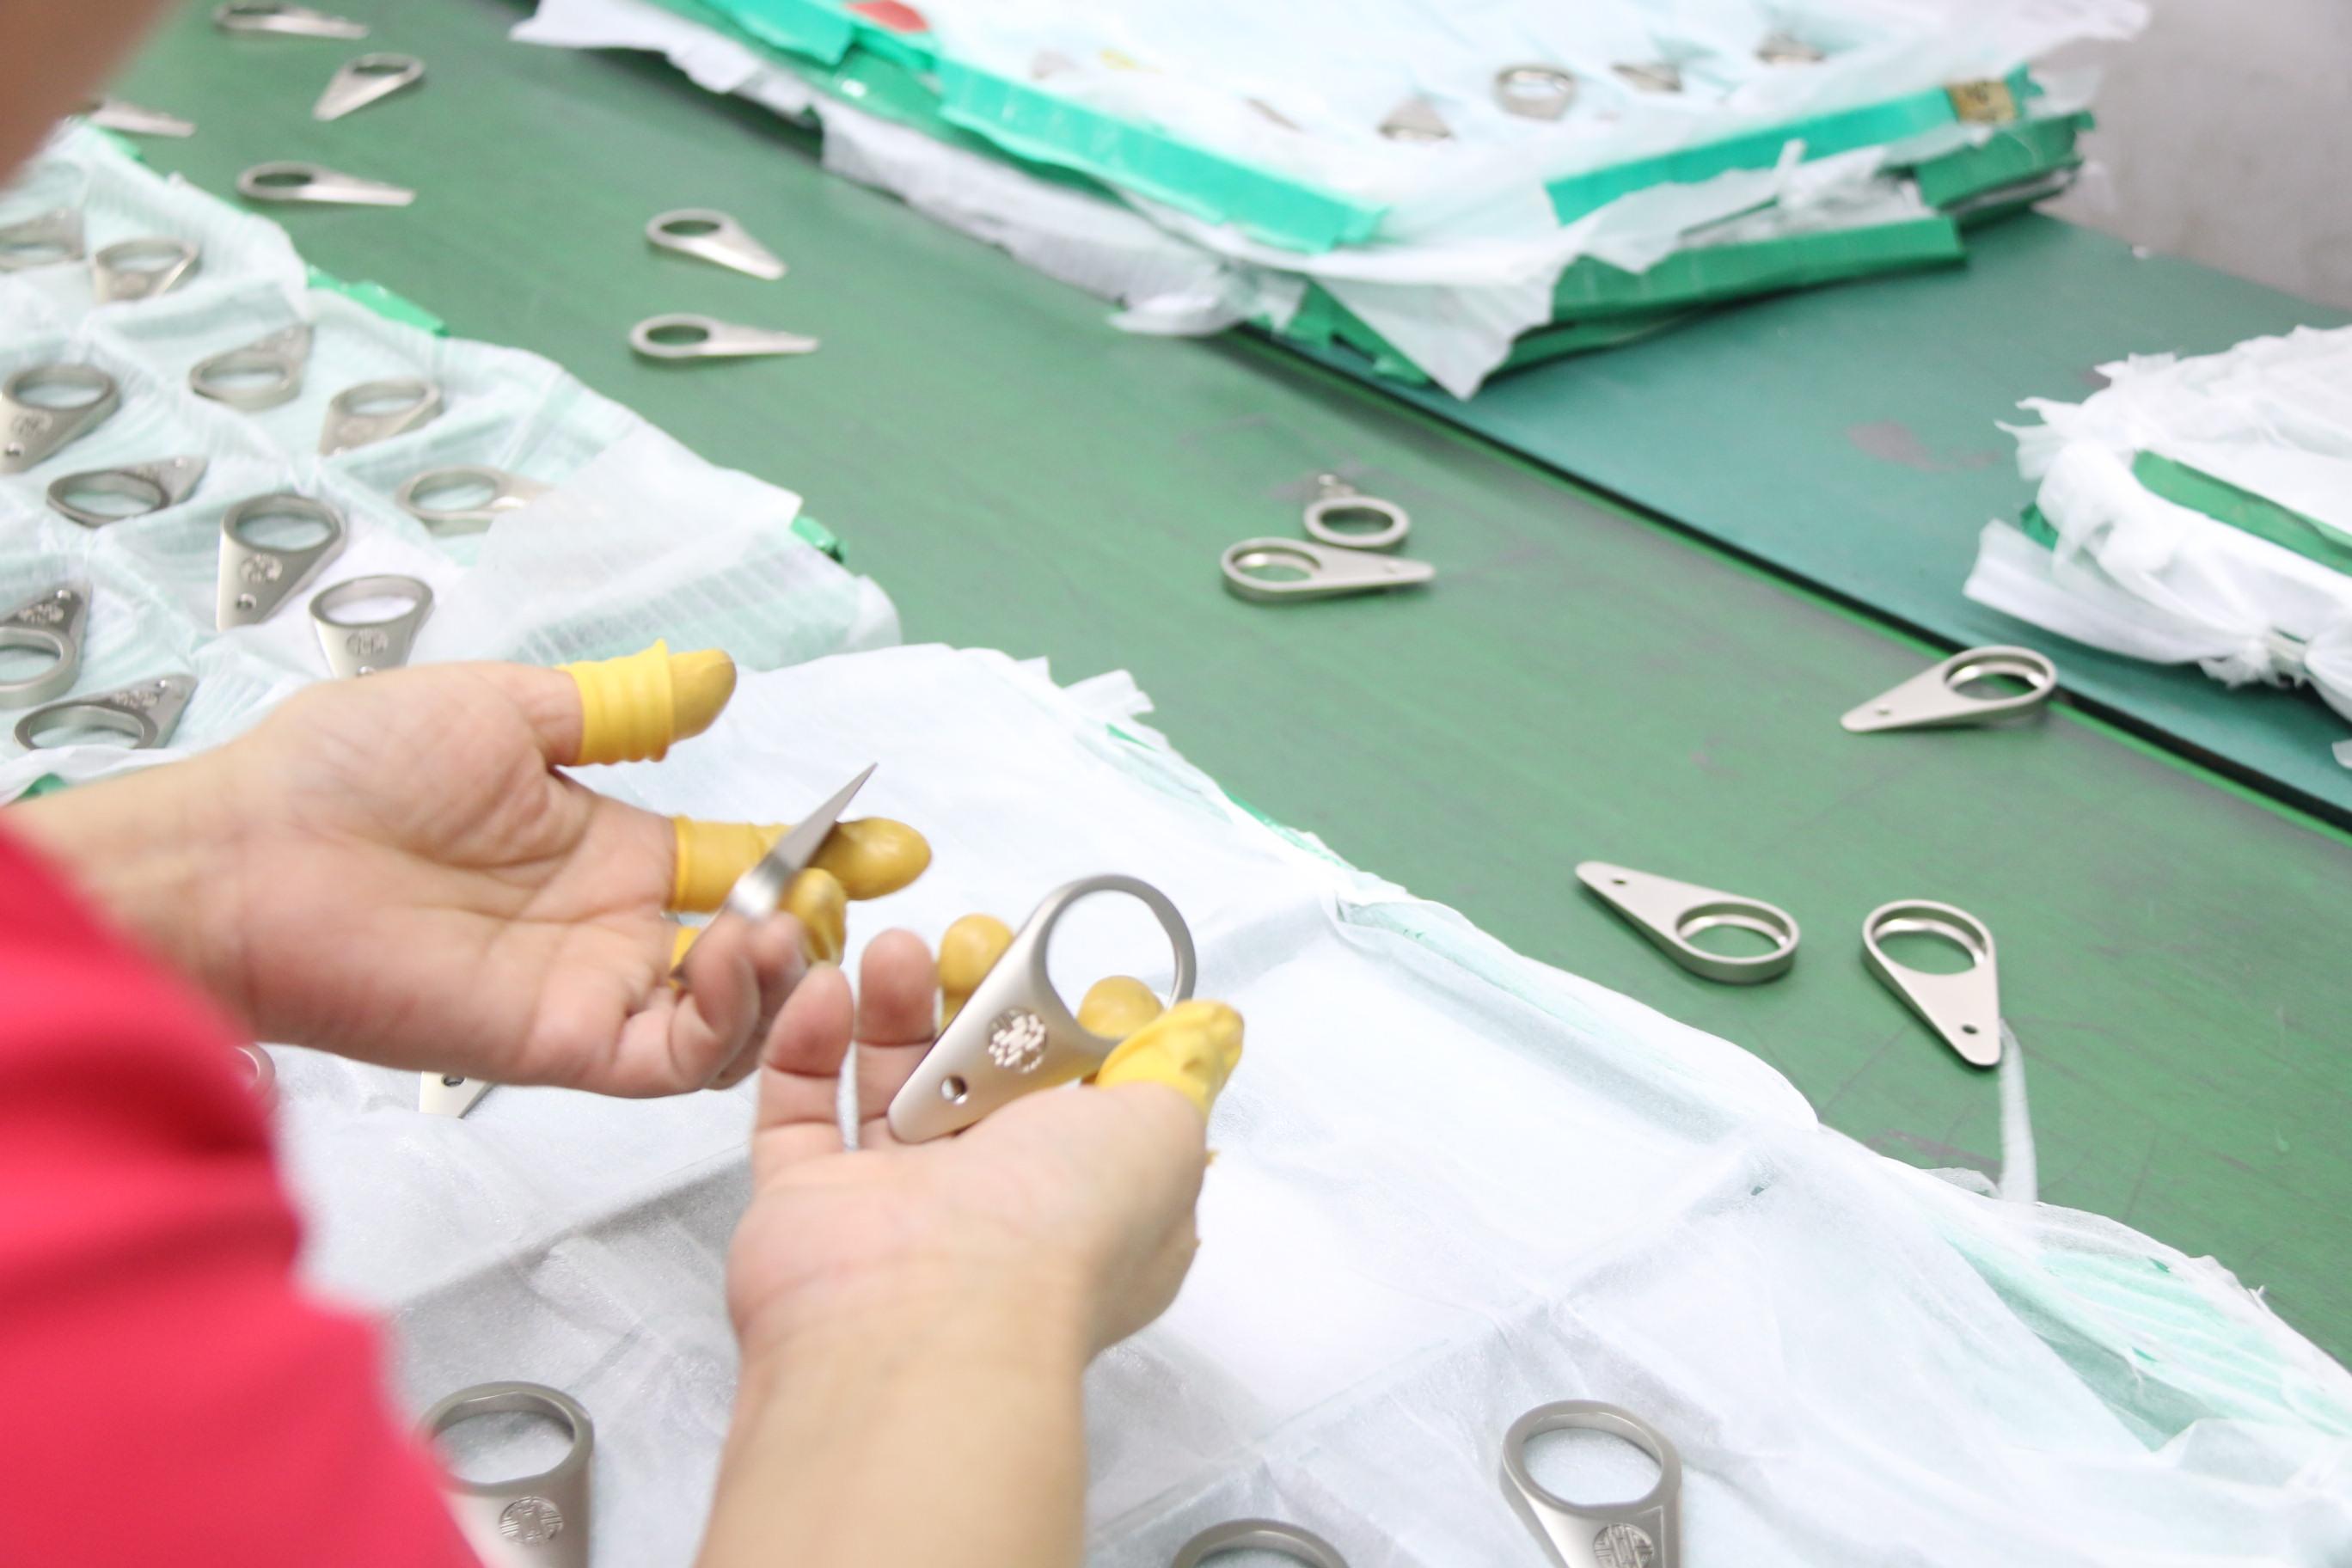 这样做可以避免铝合金压铸件产生沙孔